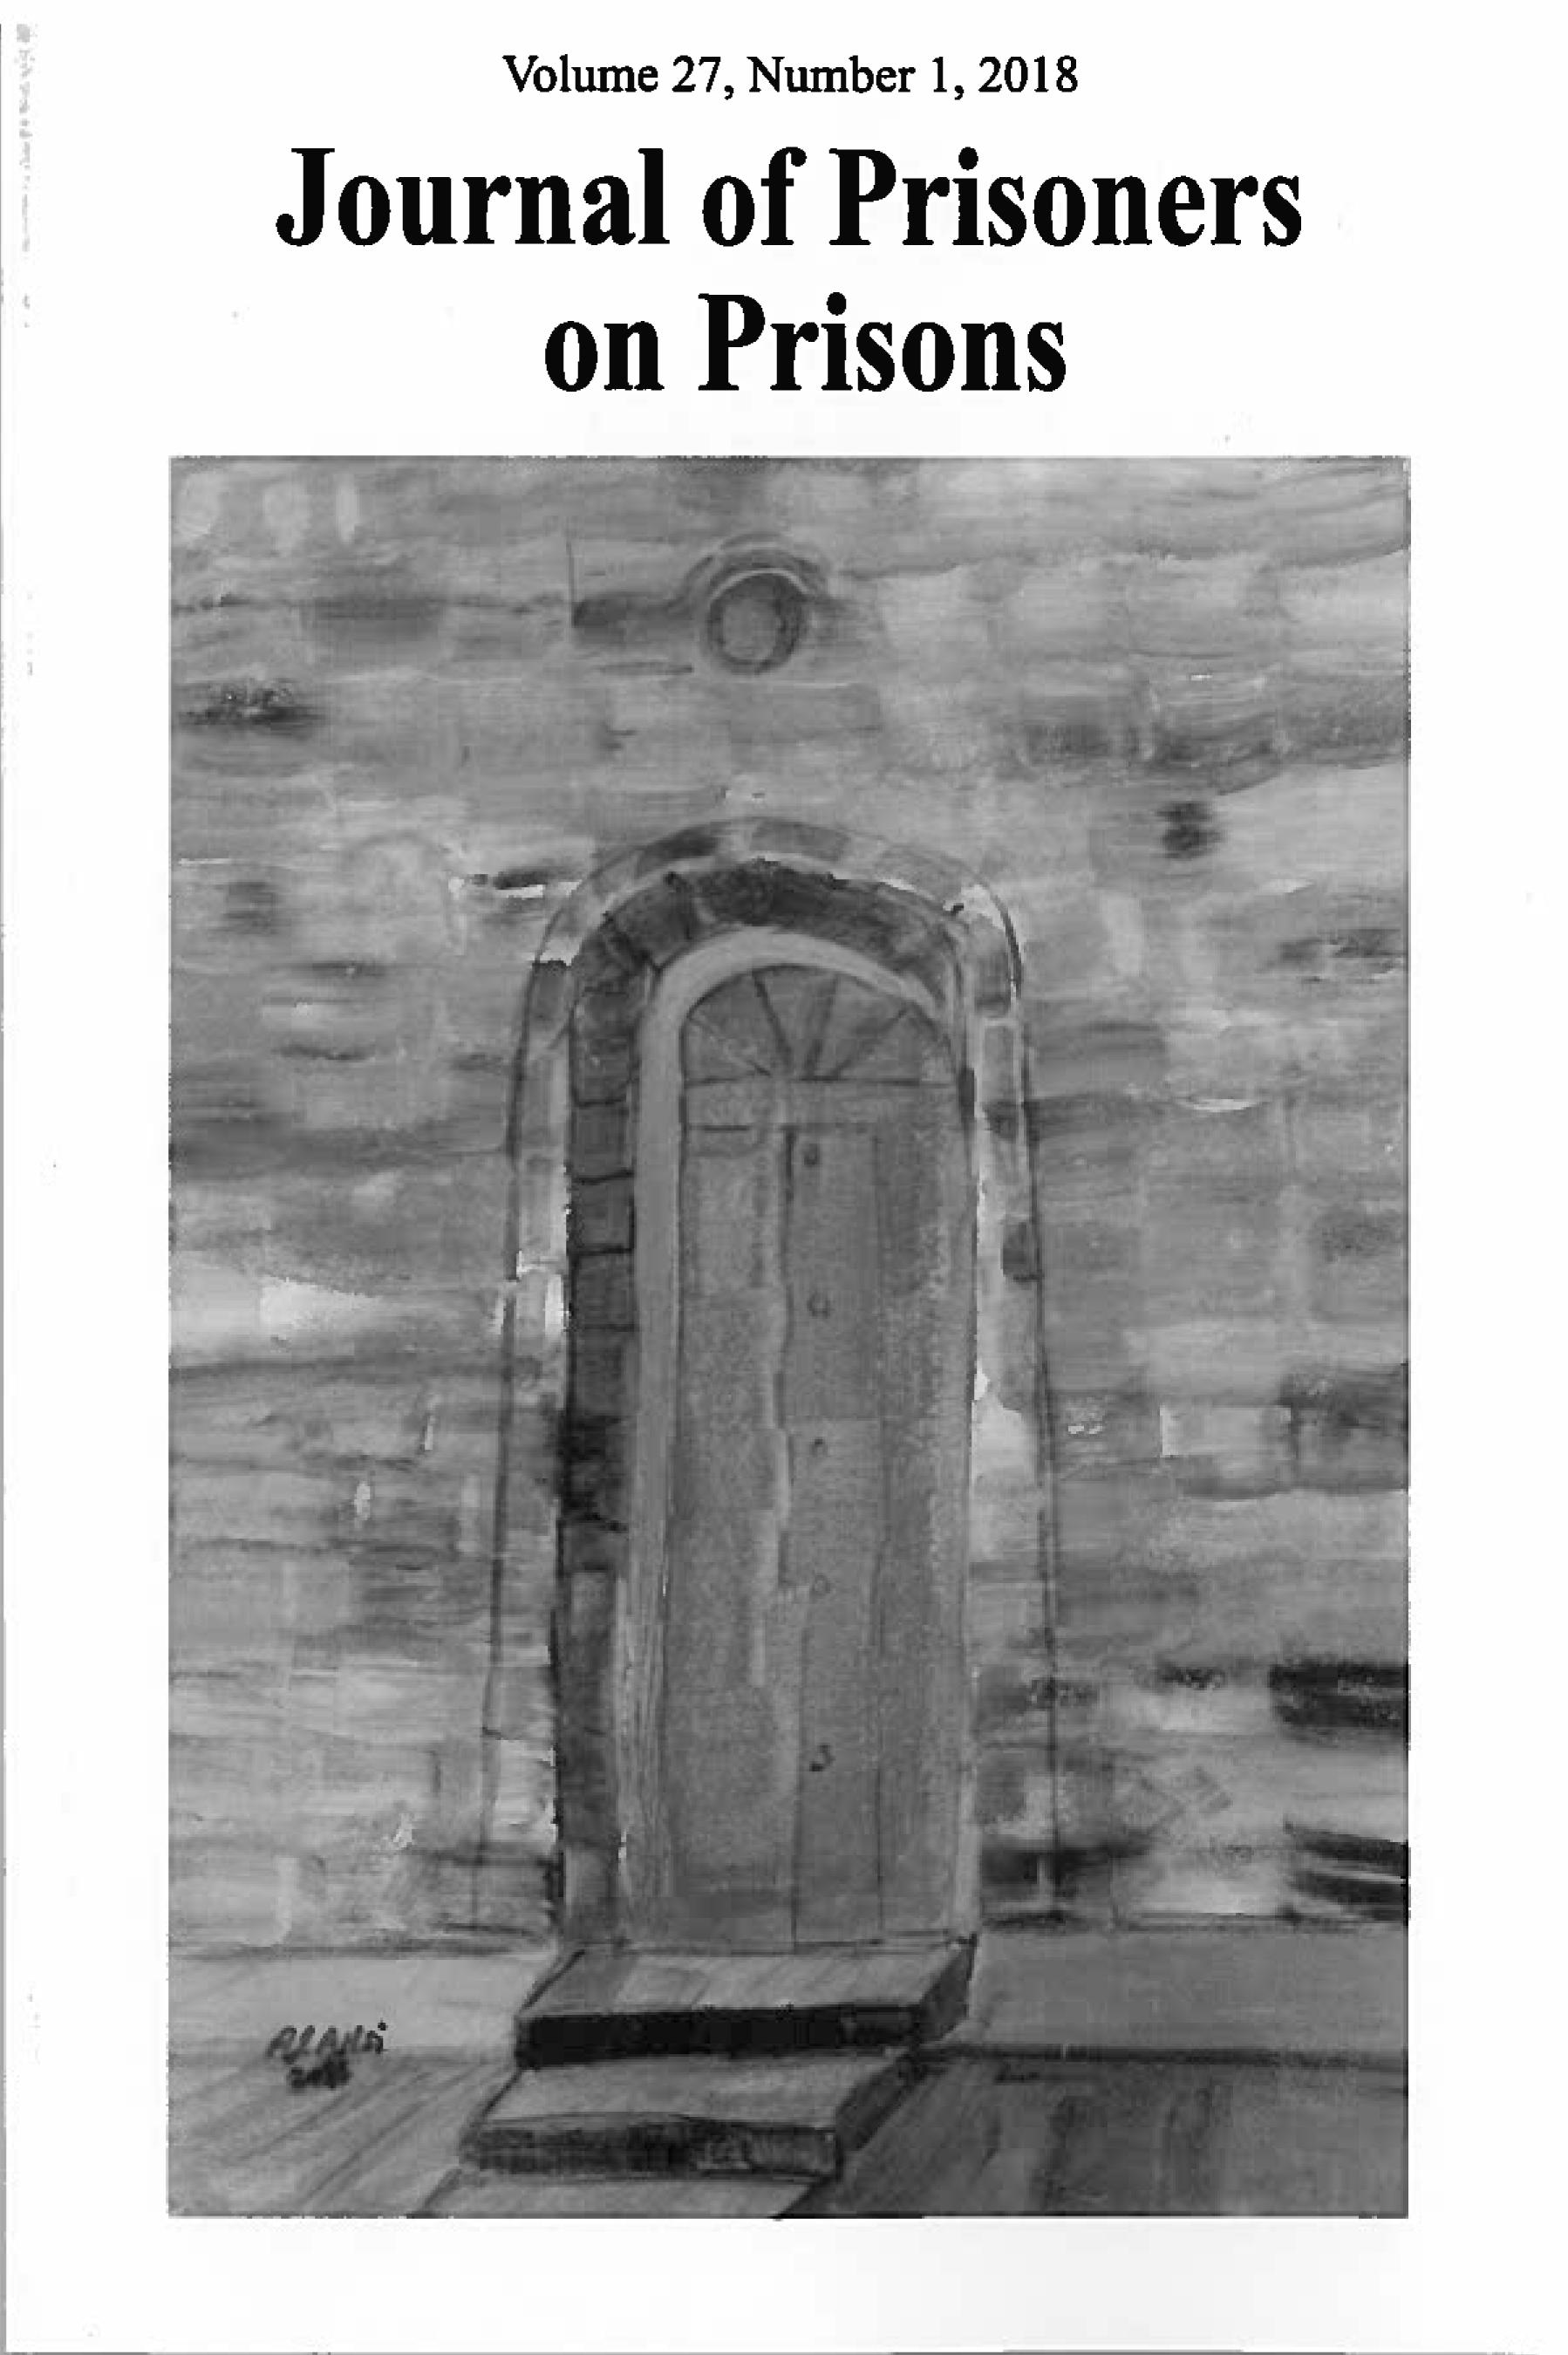 Couverture du livre illustrant une porte